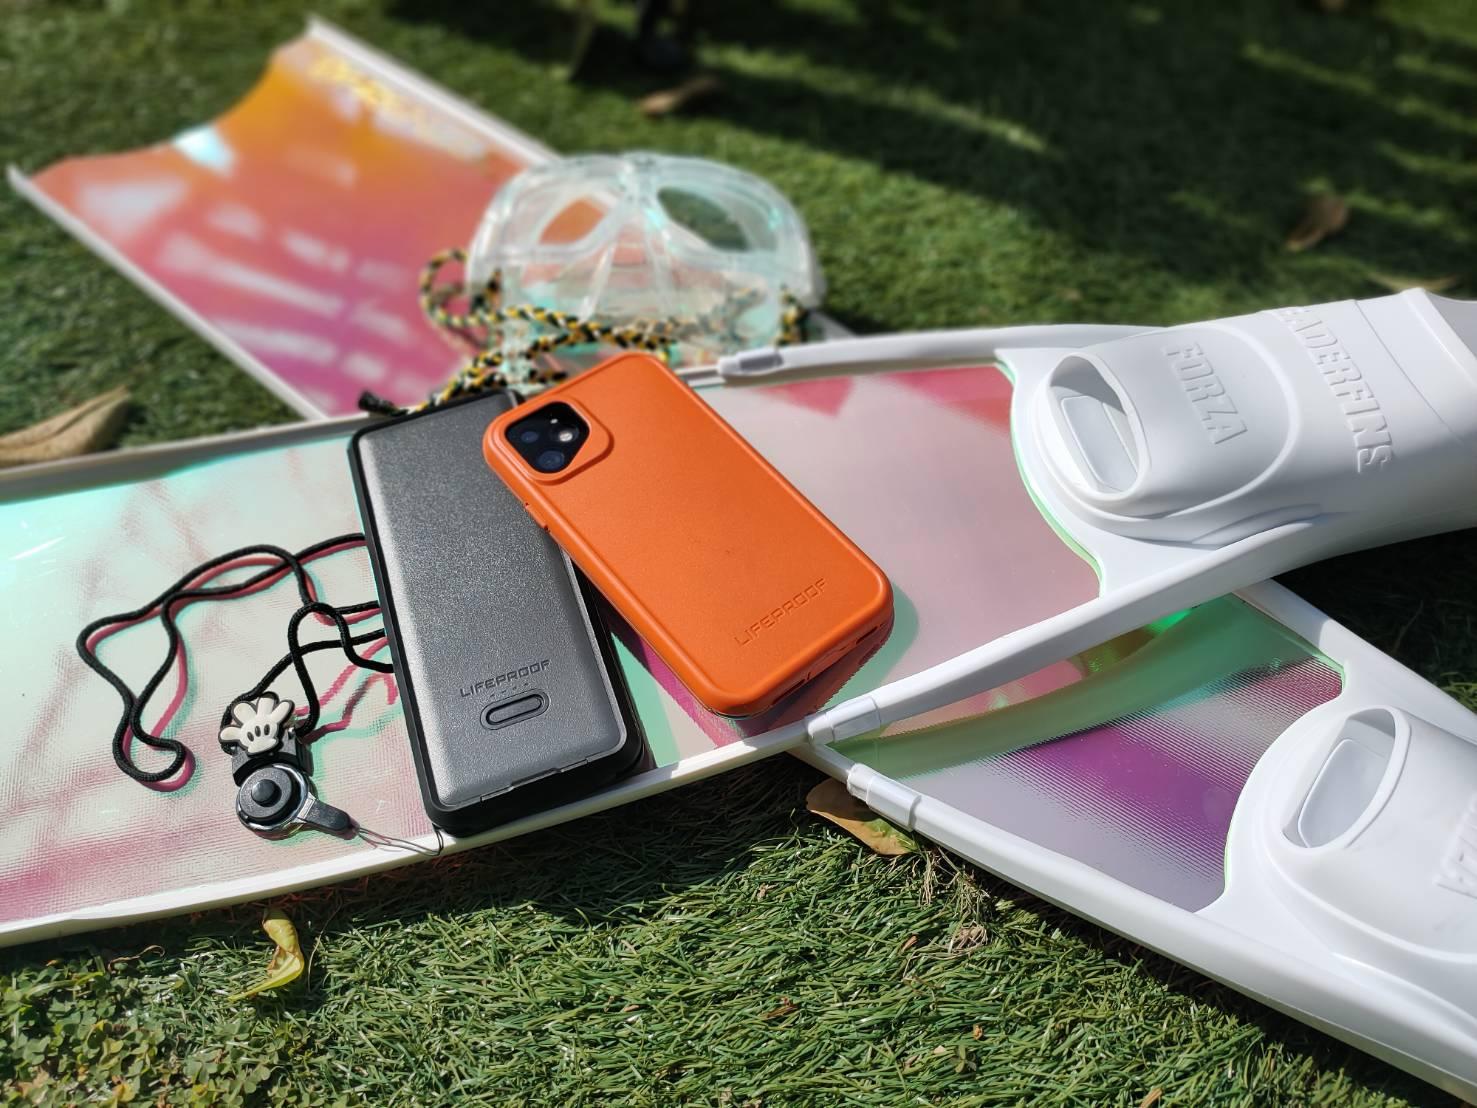 開箱評測  LifeProof超能動力行動電源 無線充電免帶充電頭/免帶線!